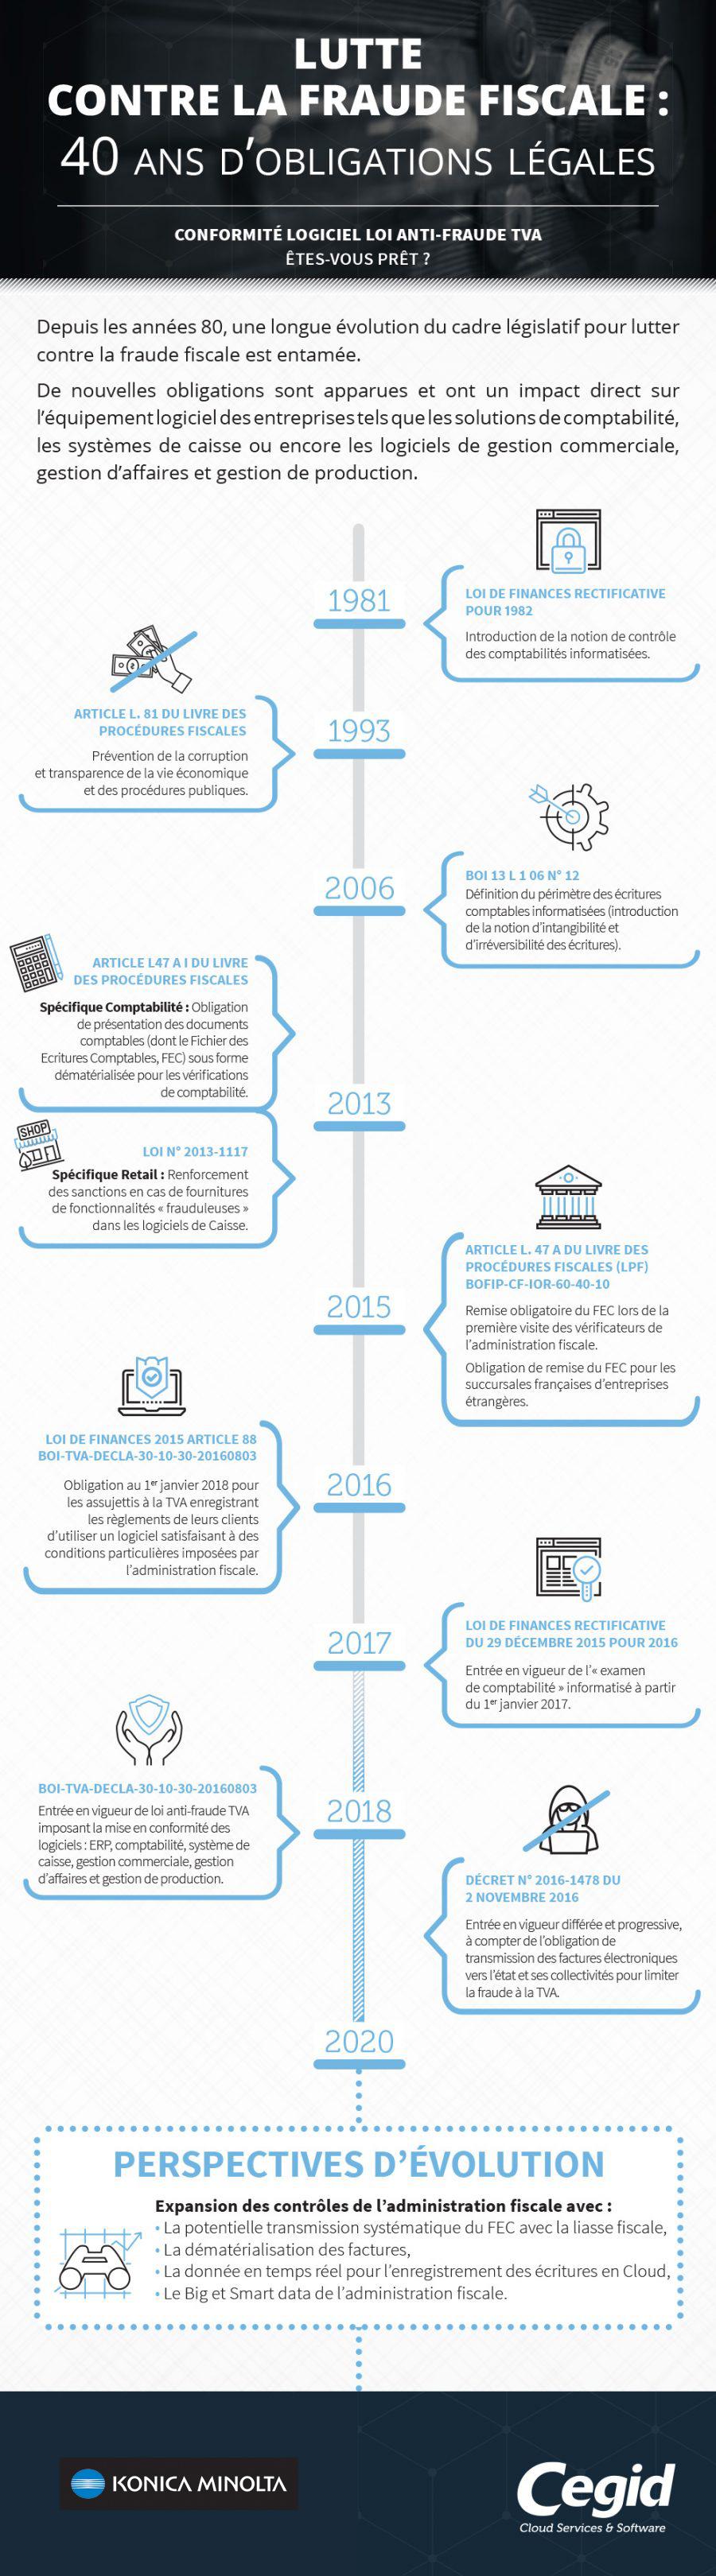 Infographie : lutte contre la fraude fiscale 40 ans d'obligations légales